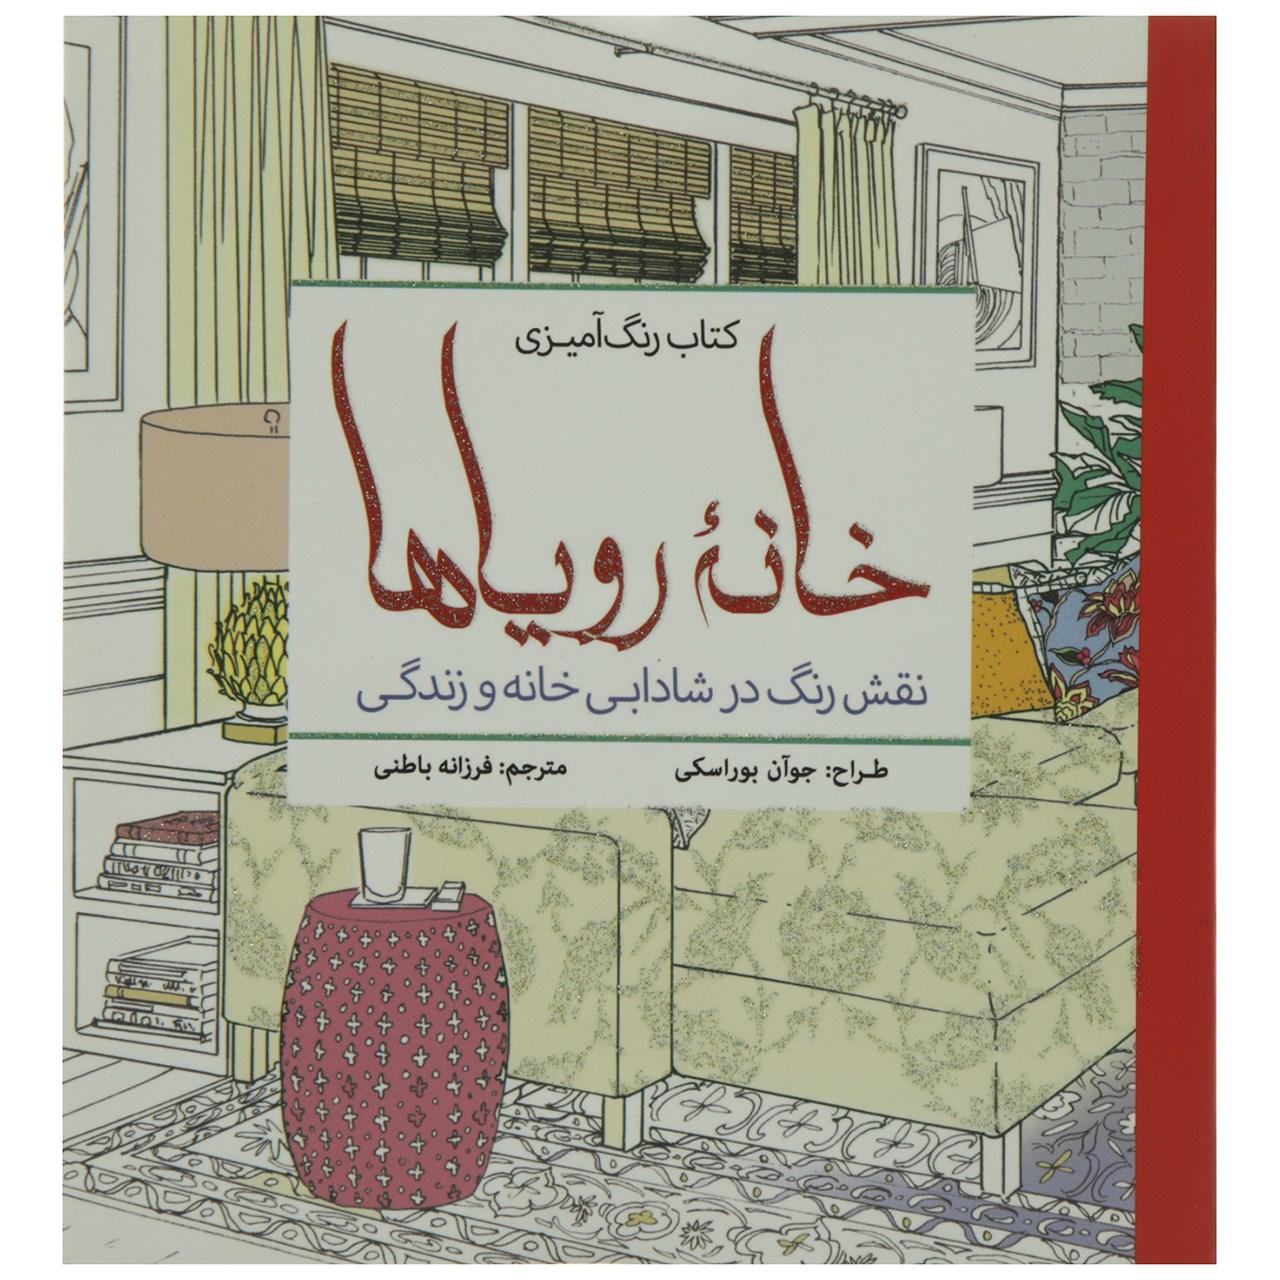 کتاب رنگ آمیزی خانه رویاها اثر جوآن بوراسکی